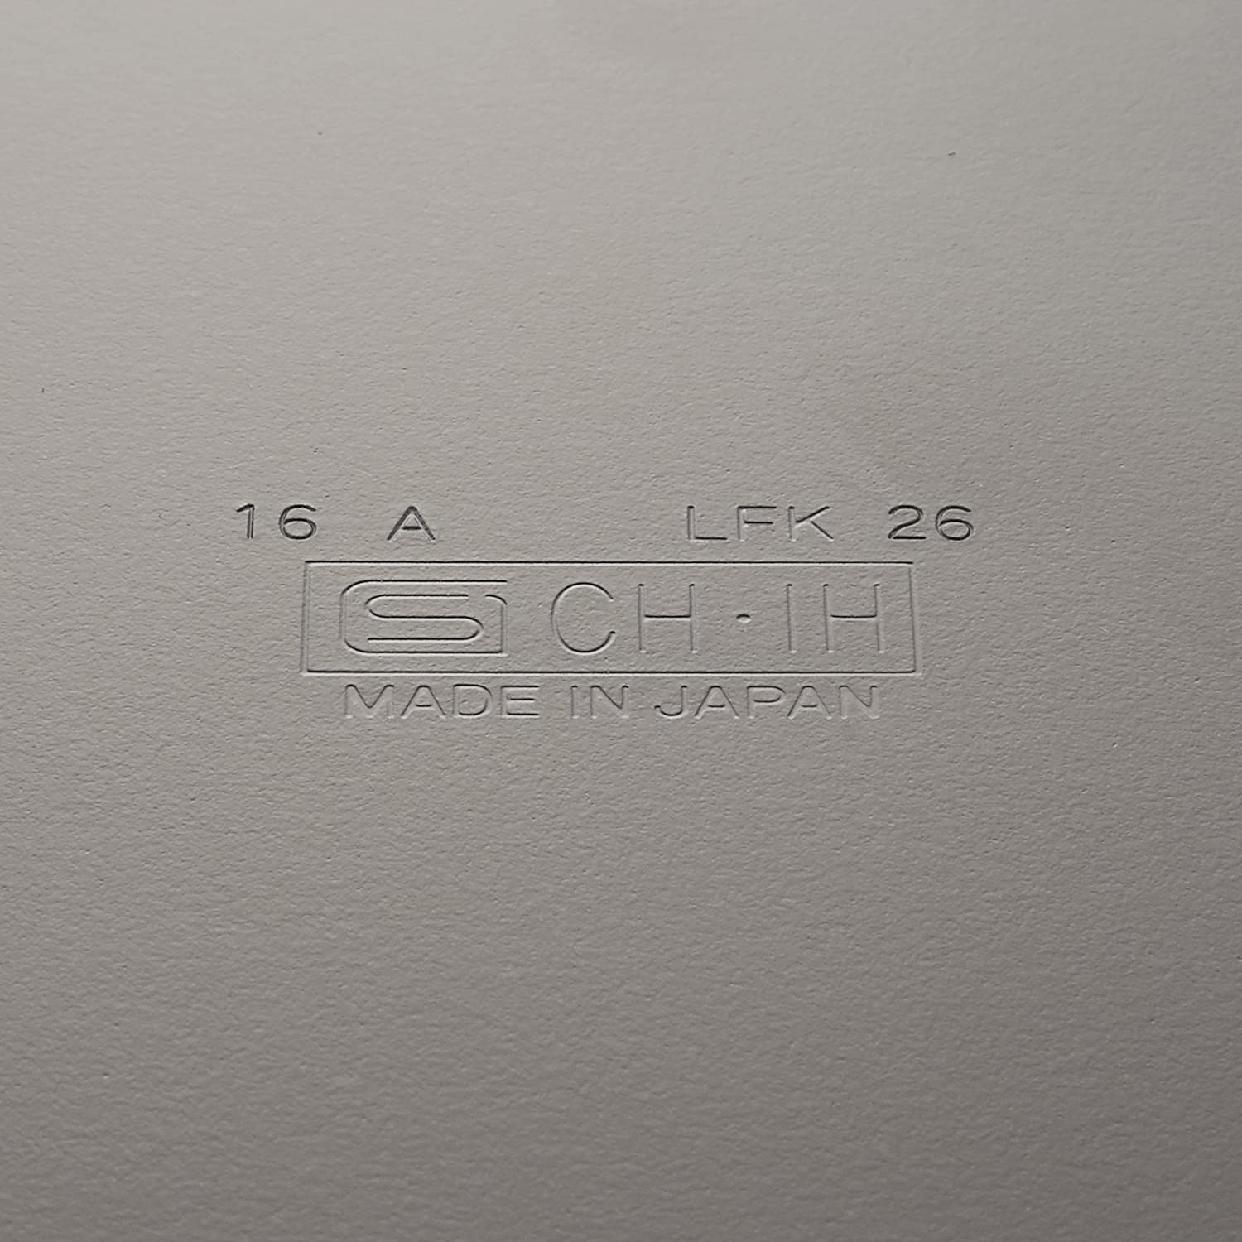 遠藤商事 鉄黒皮厚板フライパンの商品画像2